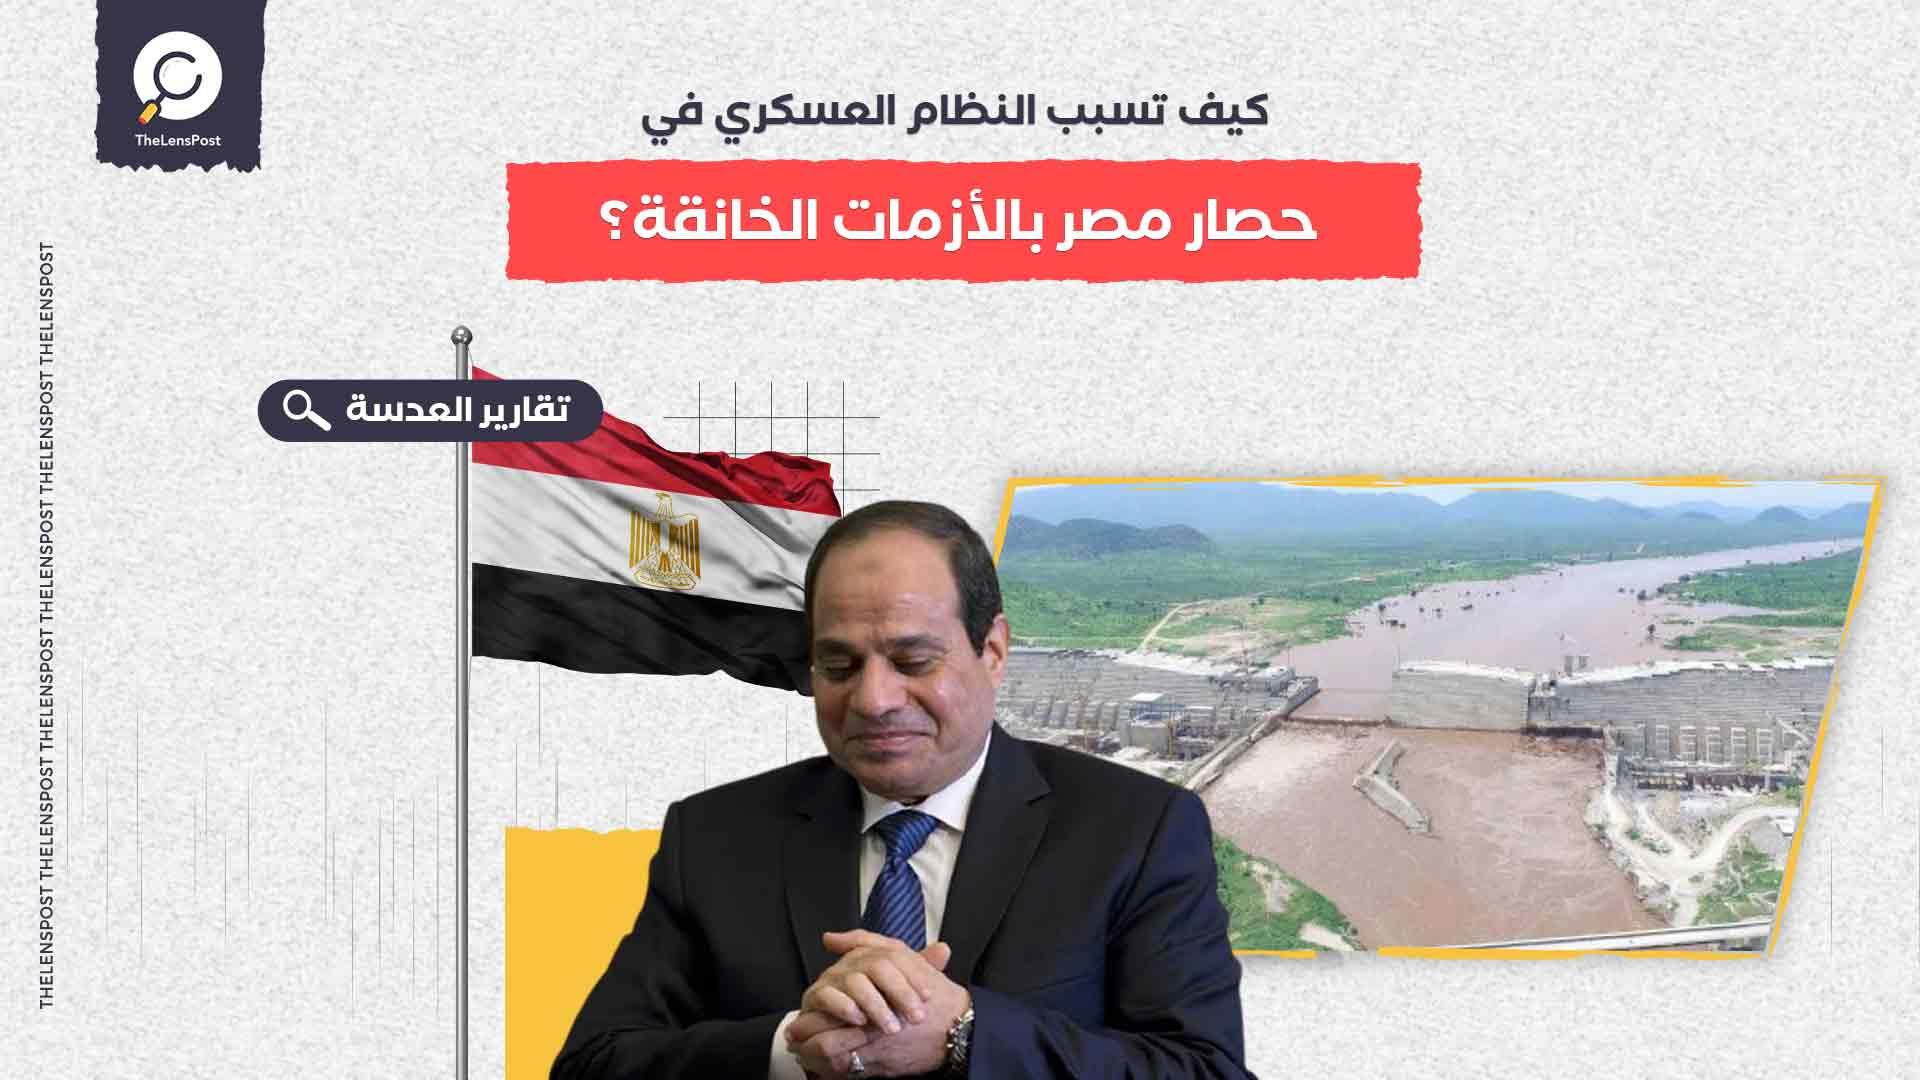 كيف تسبب النظام العسكري في حصار مصر بالأزمات الخانقة؟